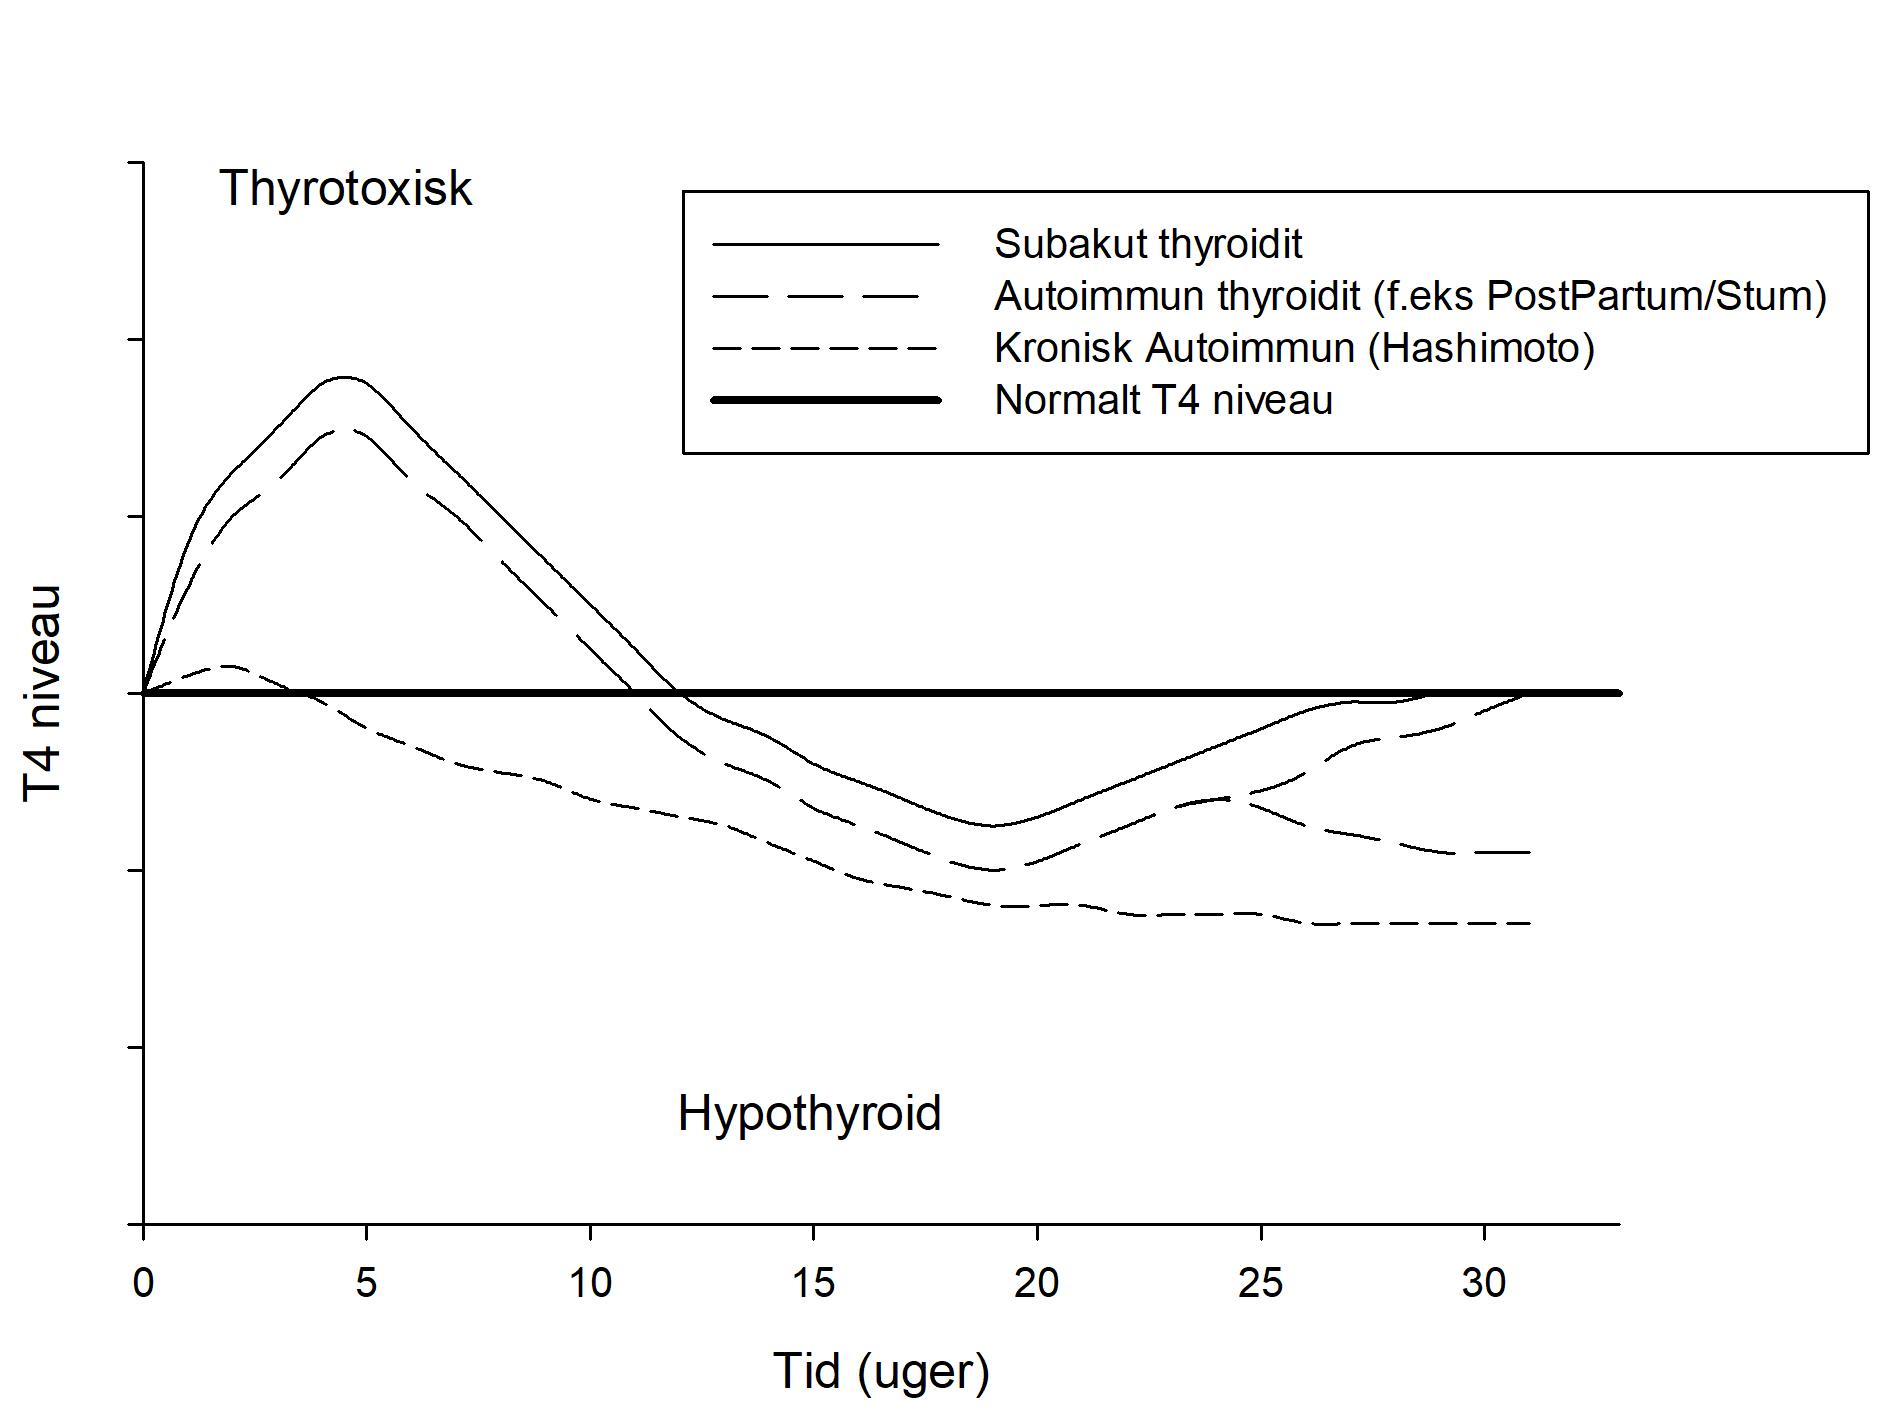 thyroidit nbv